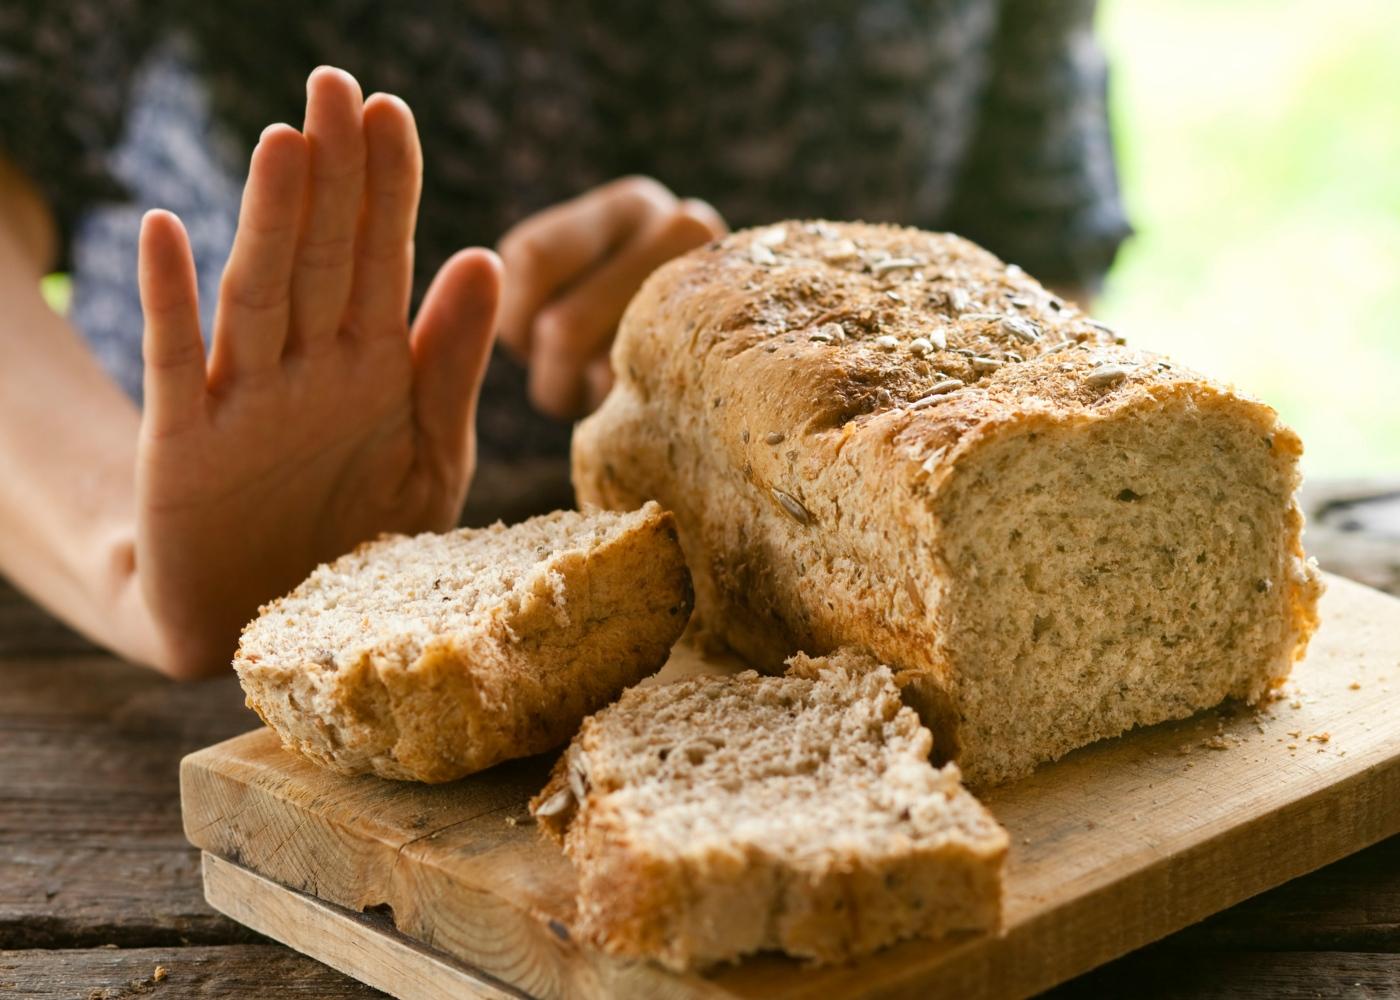 Sensibilidade ao glúten: mulher a rejeitar comer pão